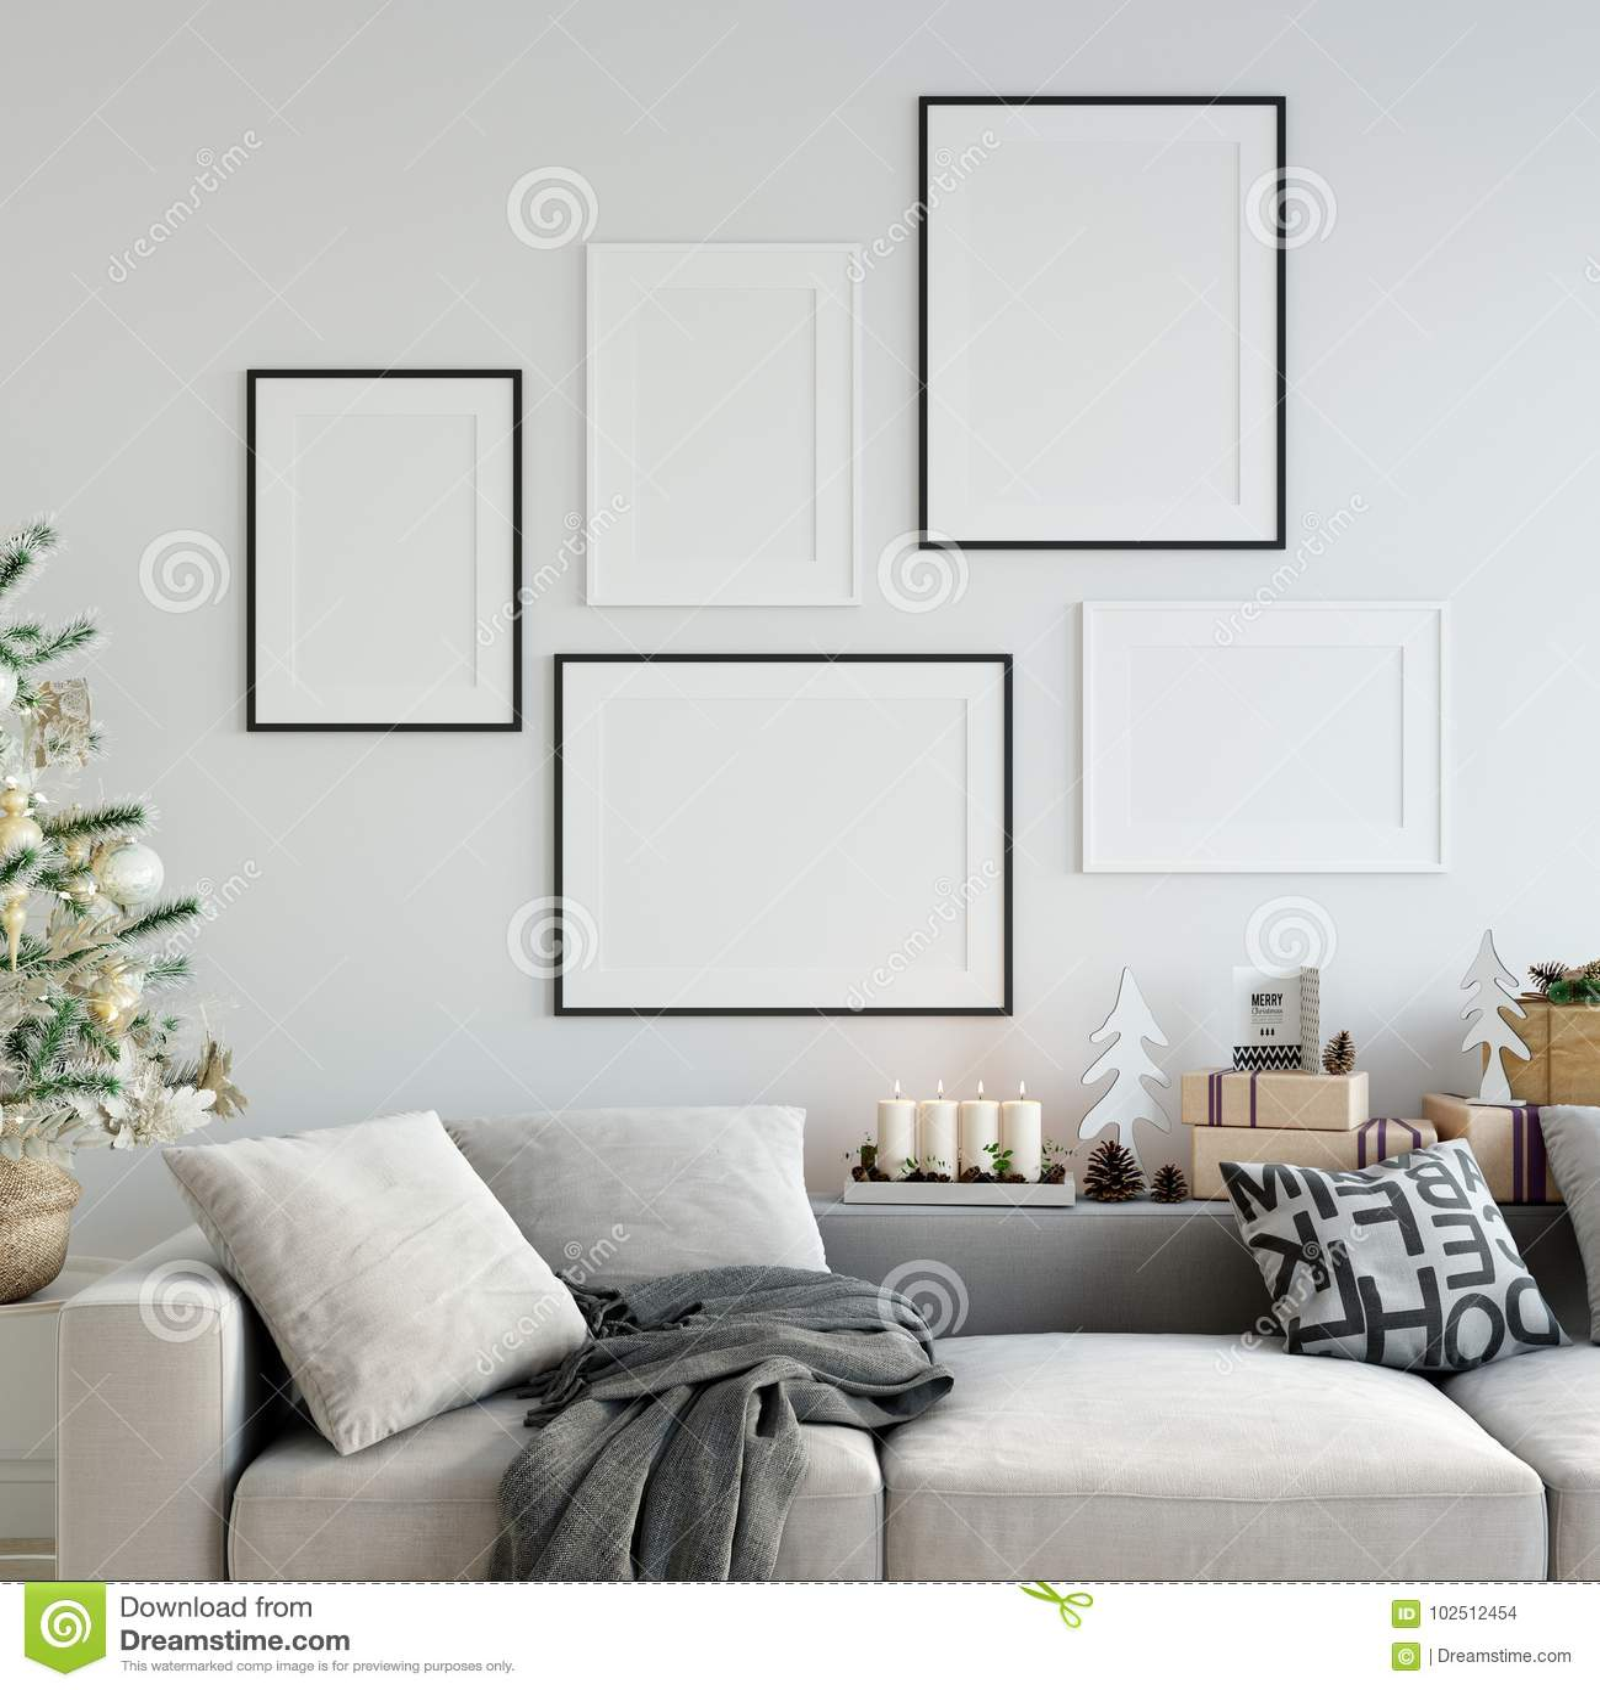 Mofa encima de los carteles en interior de la Navidad de la sala de estar Estilo escandinavo interior 3D representación, ejemplo